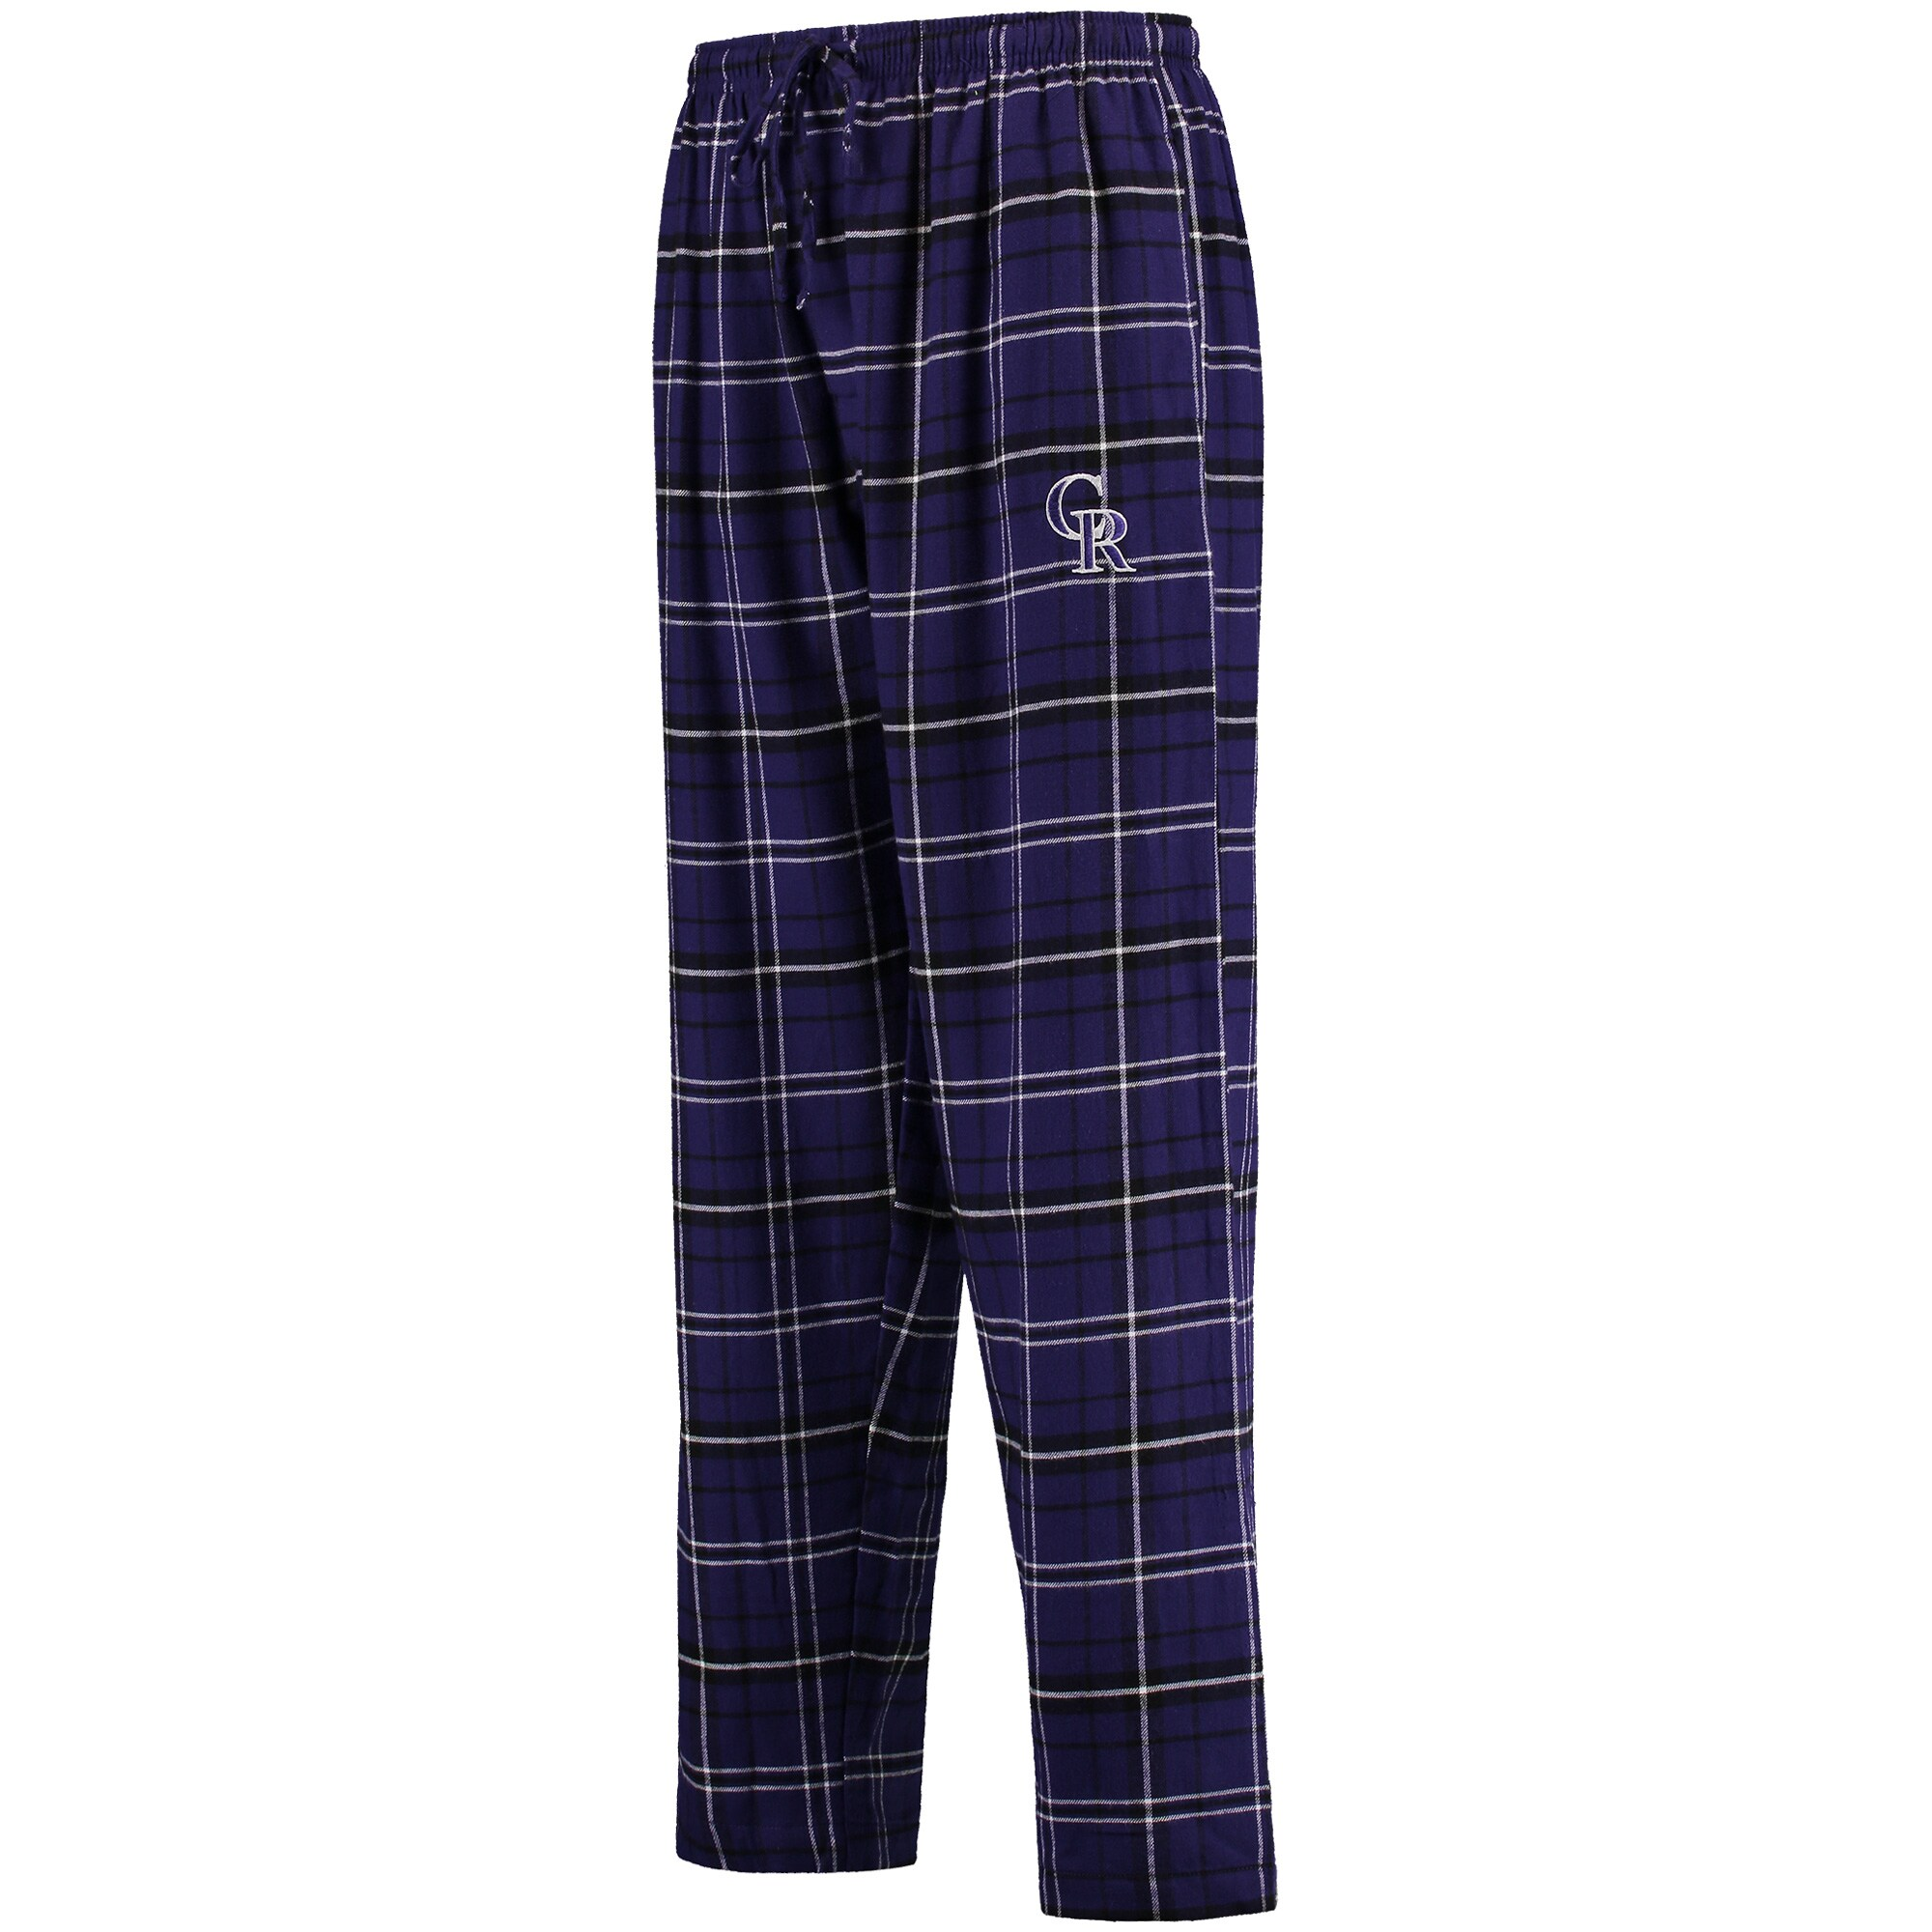 Colorado Rockies Concepts Sport Ultimate Plaid Flannel Pants - Purple/Black